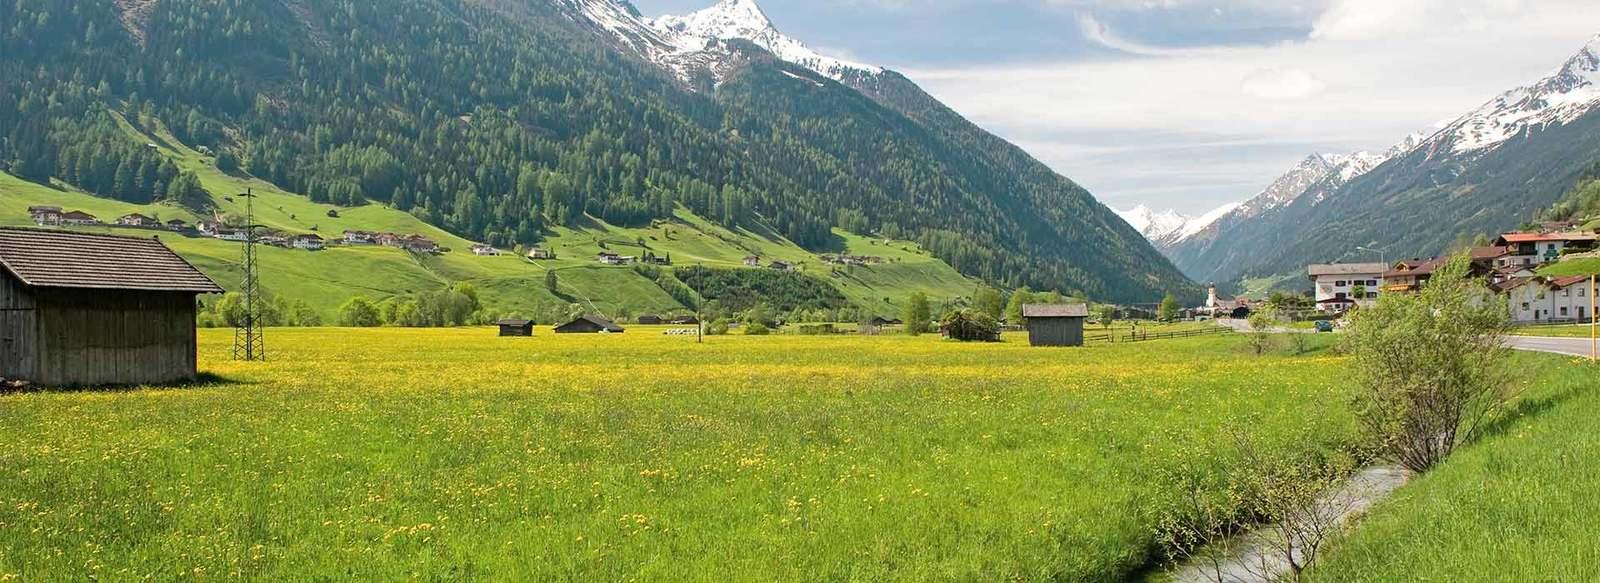 Vacanze nella Valle dello Stubai